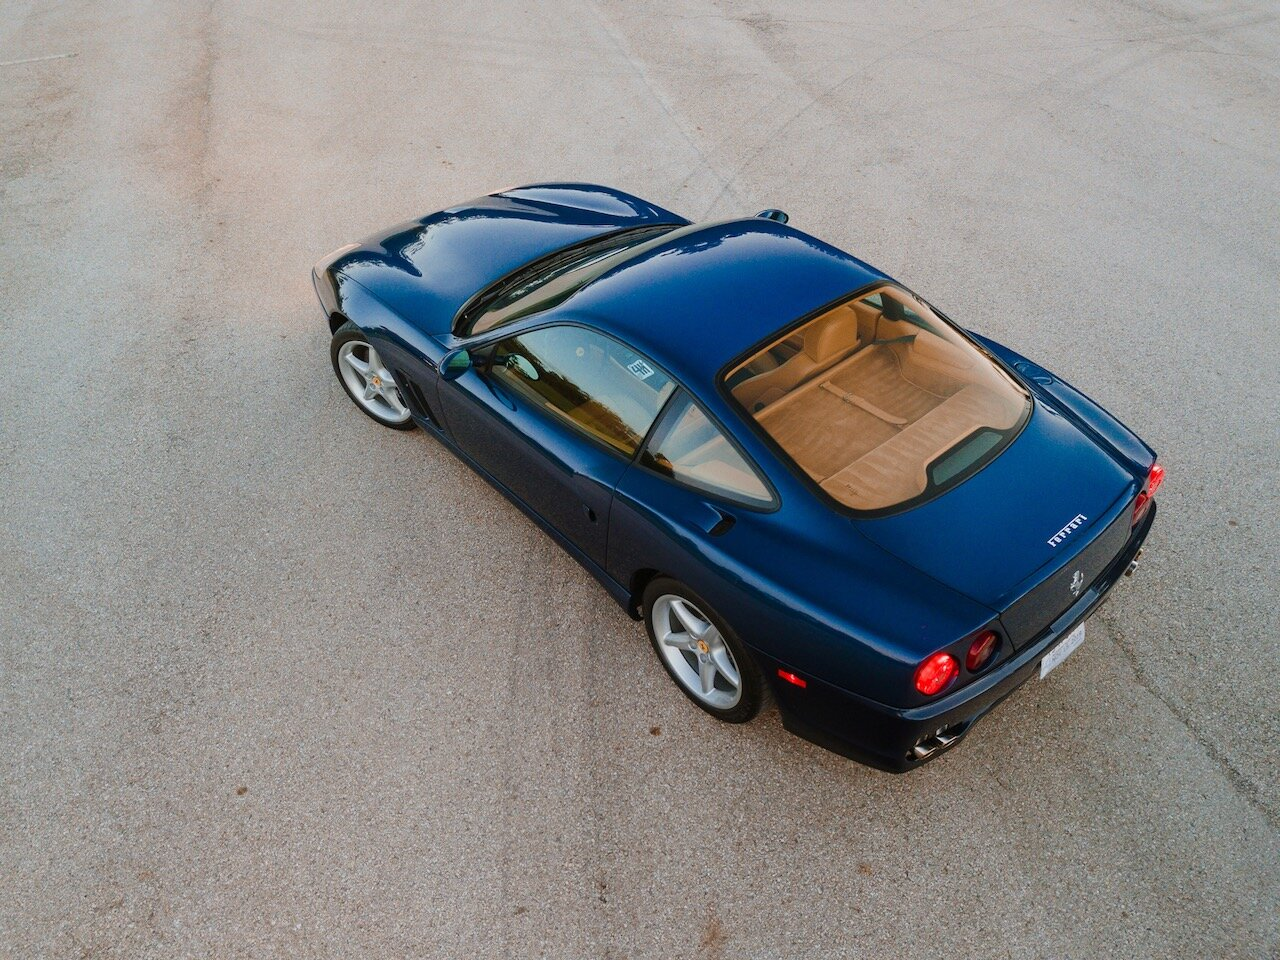 1999 Ferrari 550 Maranello (X0115751)-02.jpeg